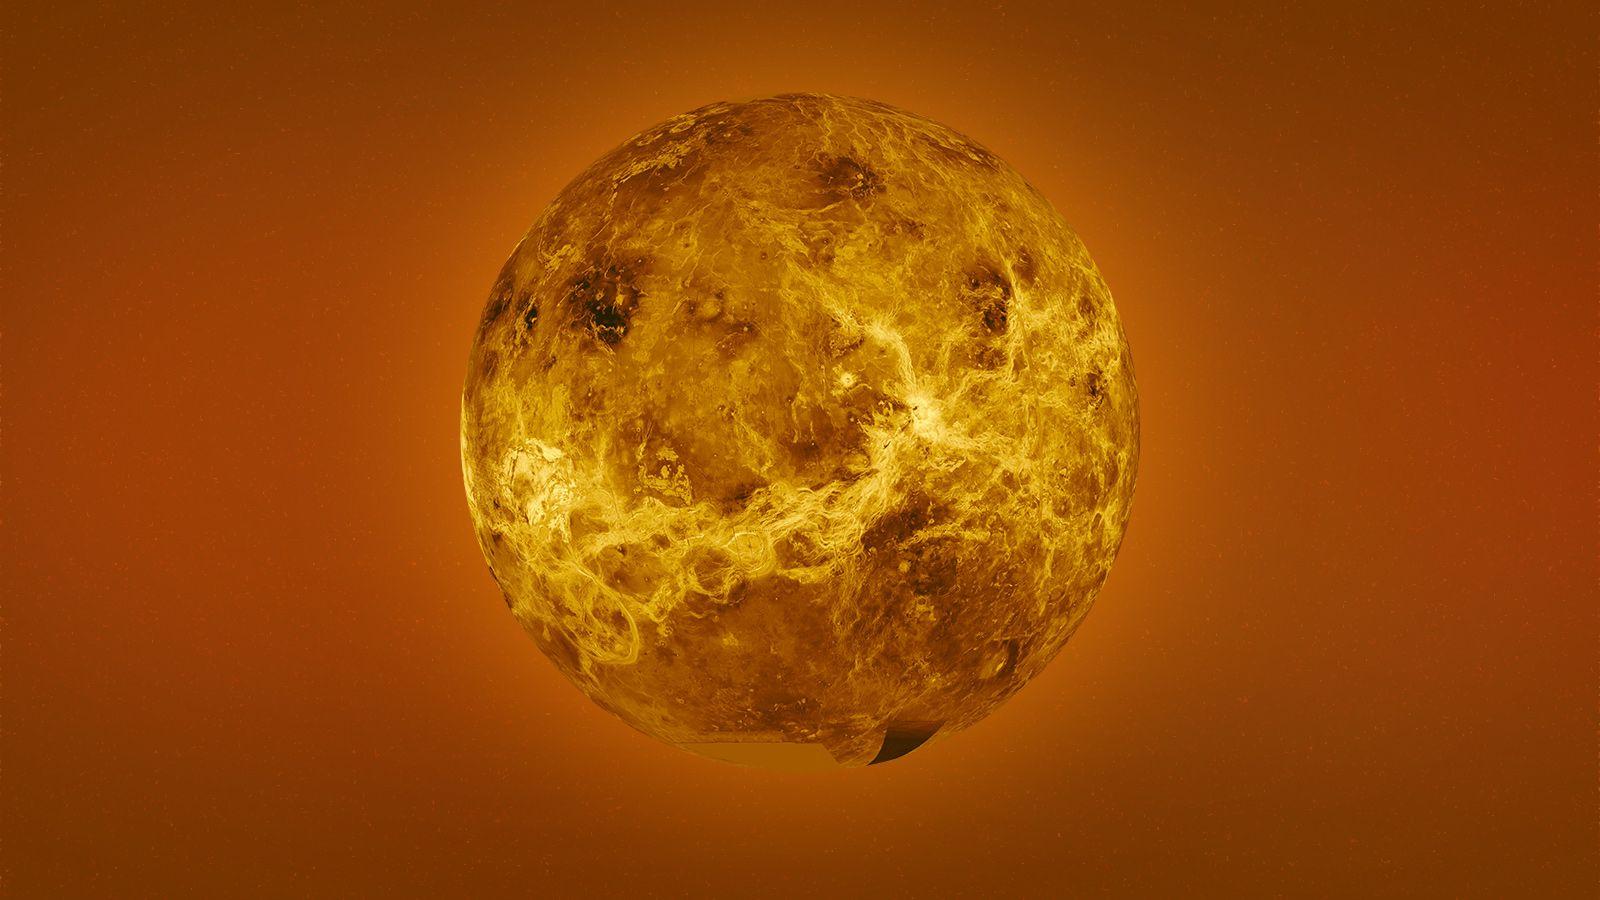 Ураганы Венеры вращаются в 60 раз быстрее планеты